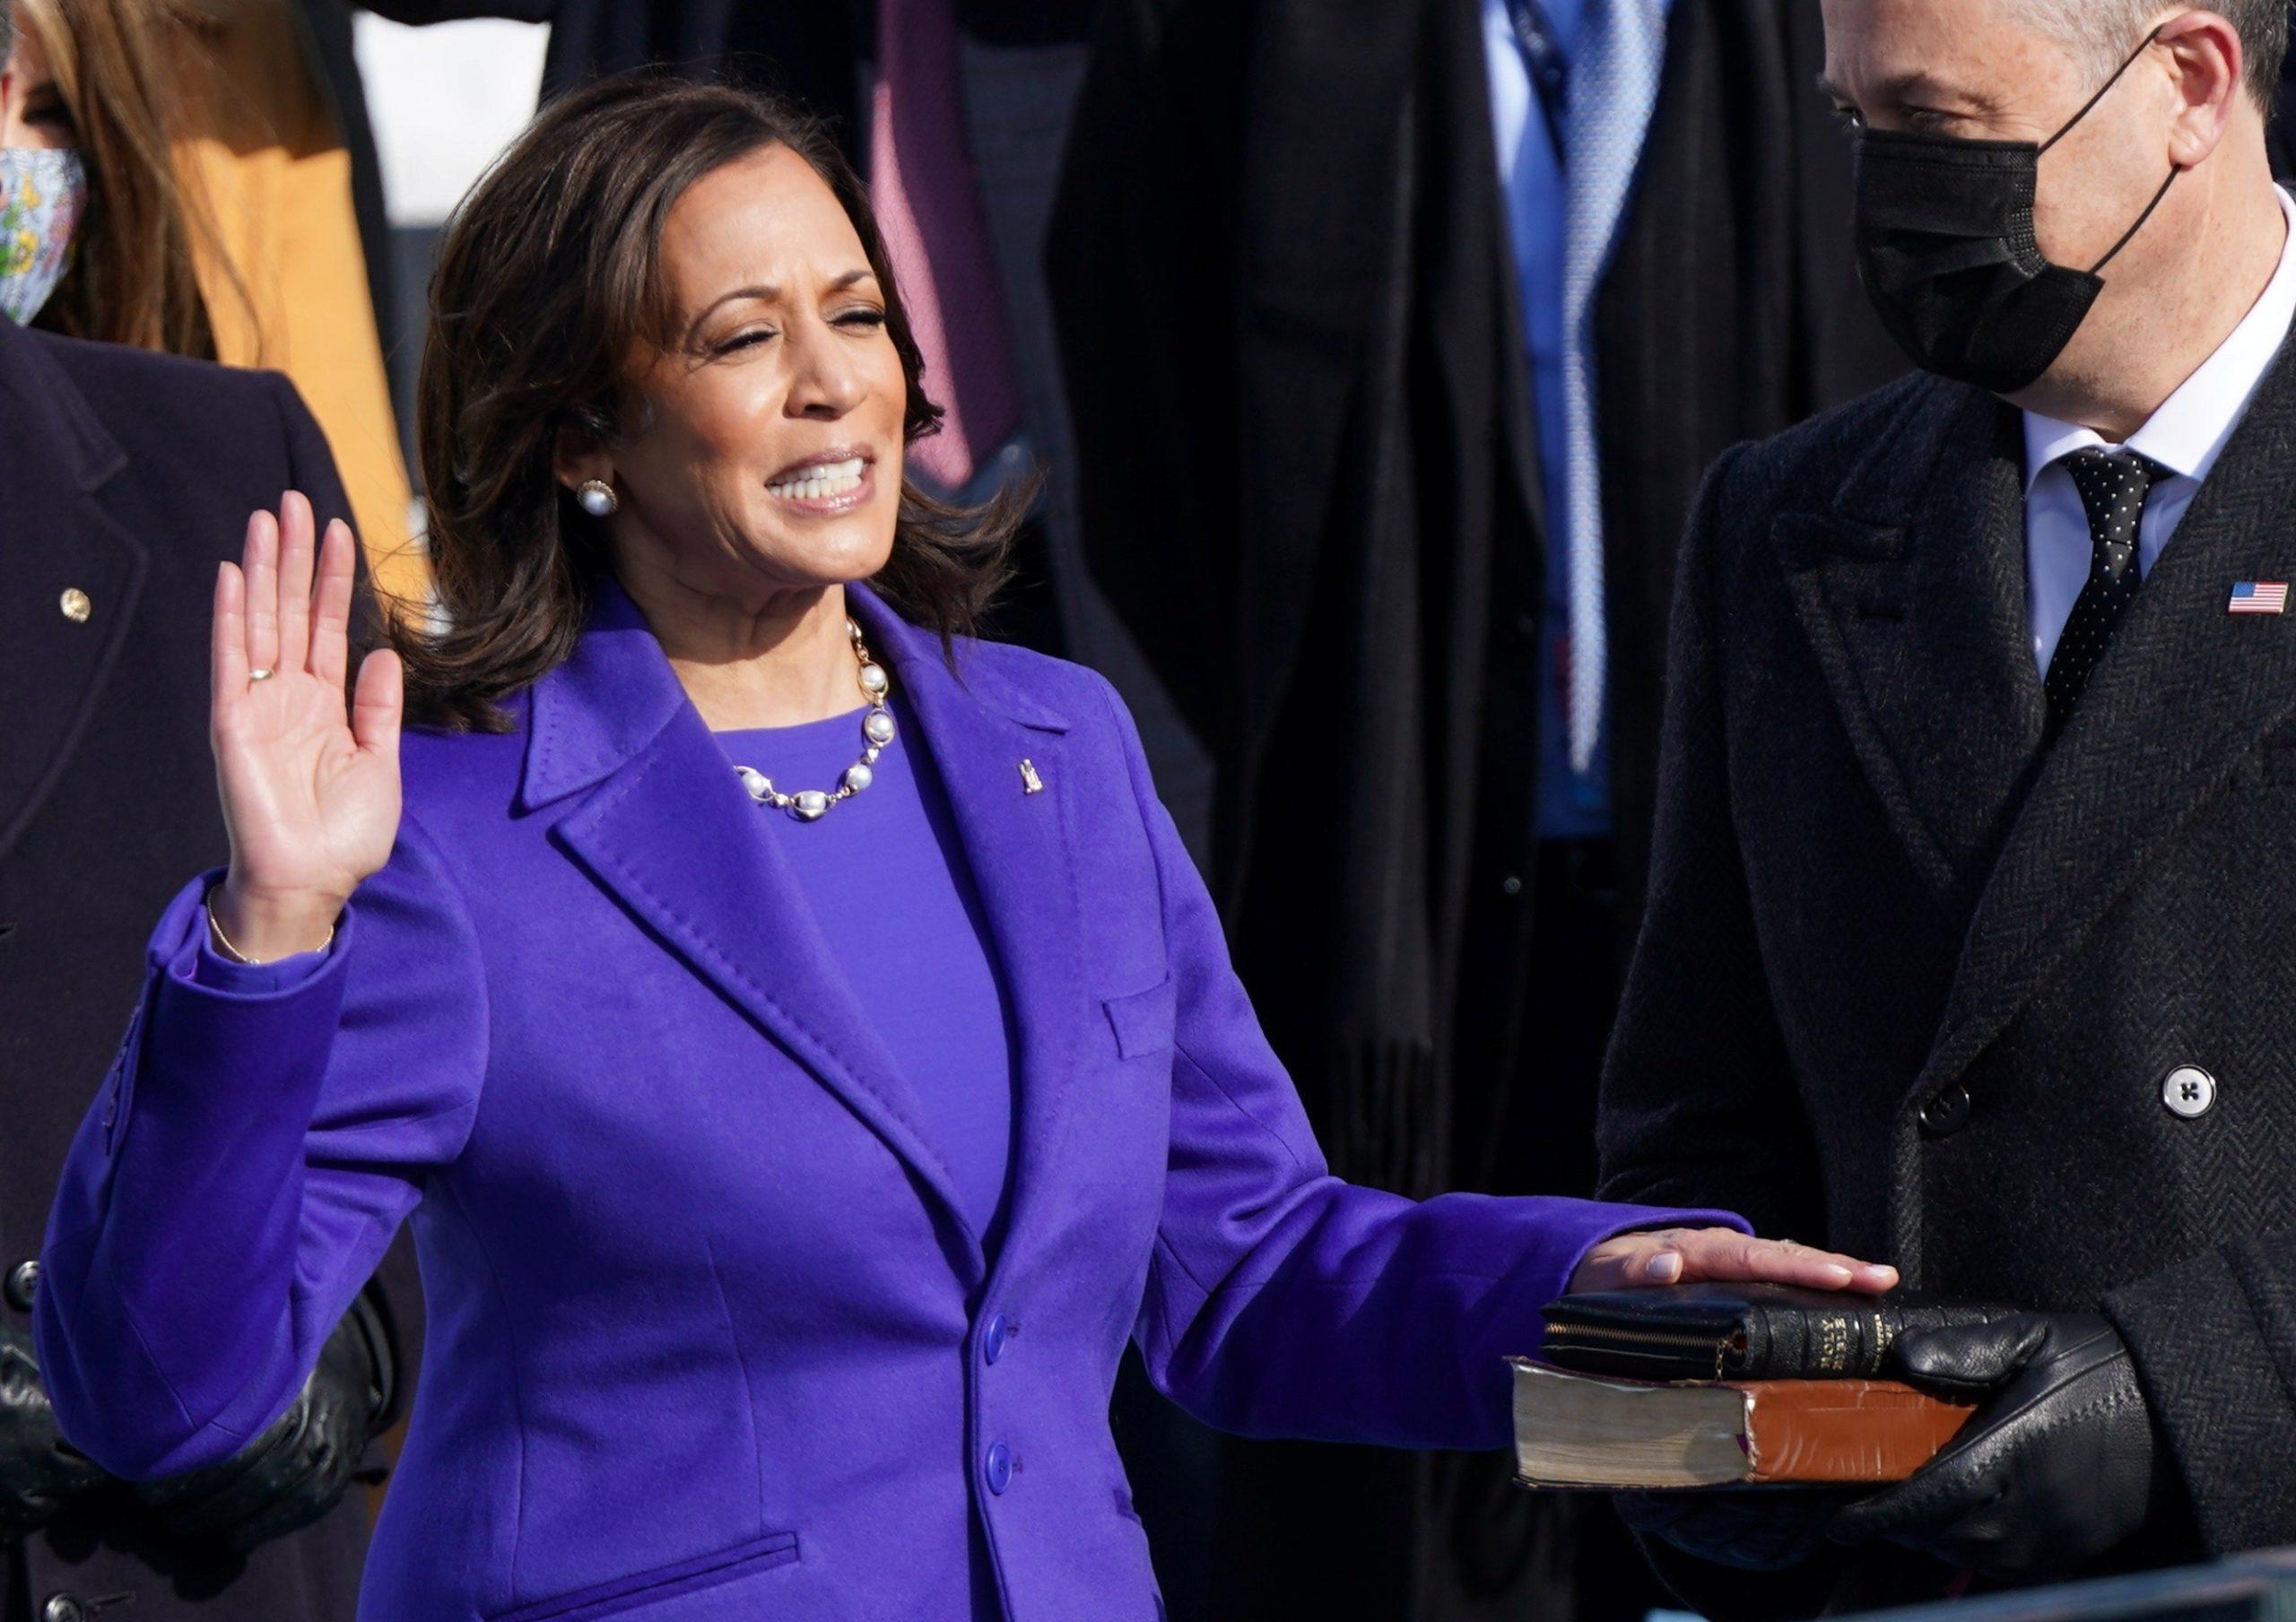 Харріс склала присягу віцепрезидента та стала першою в історії США жінкою, яка займає таку високу посаду